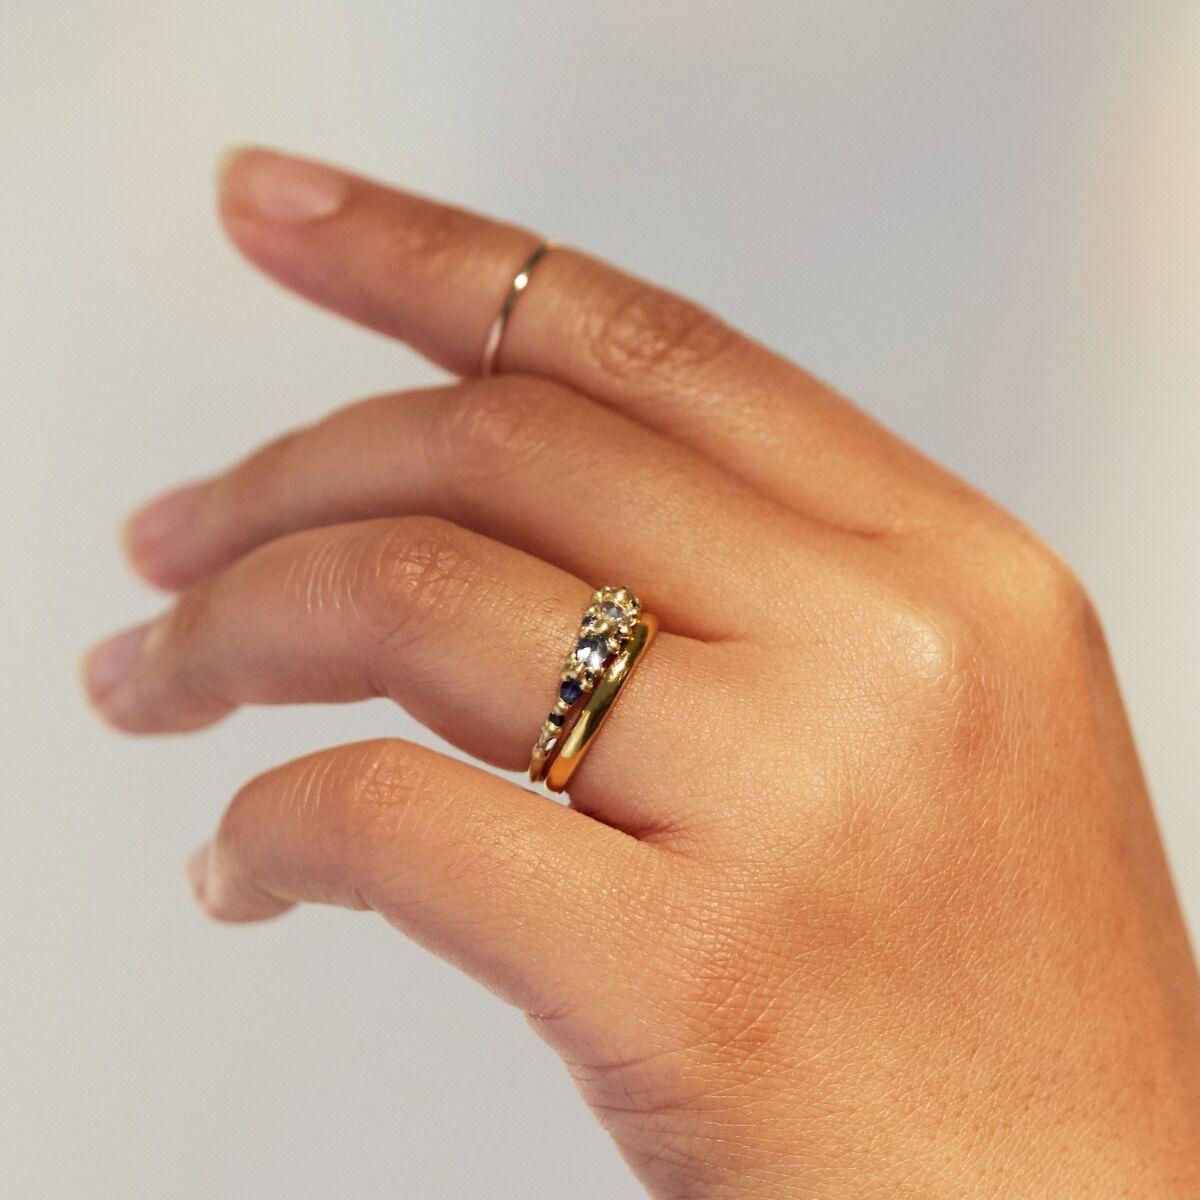 Marietta Ring image